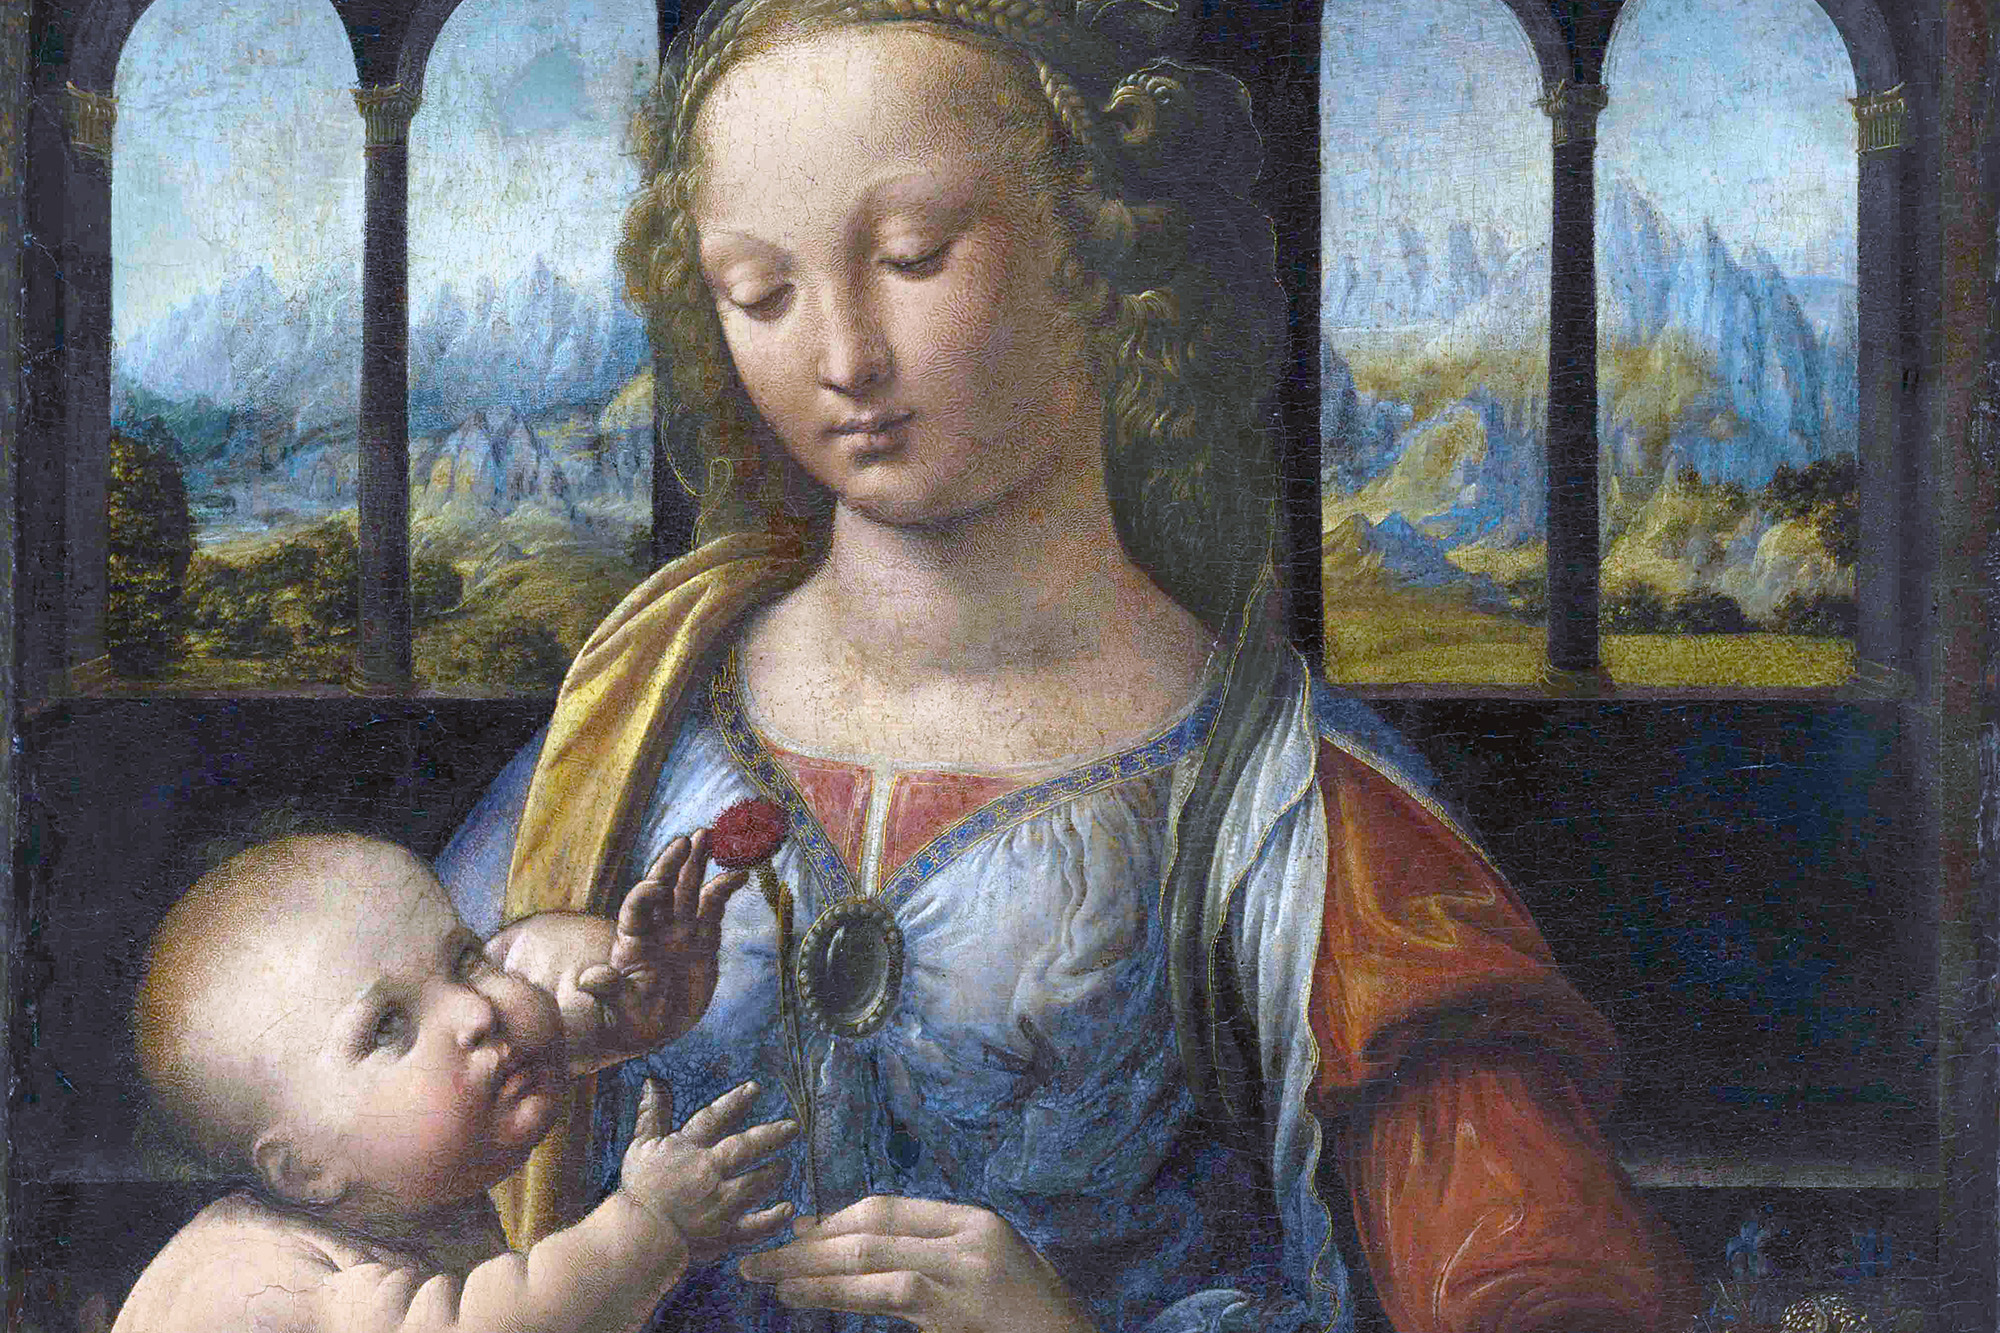 Der Einzige Da Vinci In Deutschland   Mk Online verwandt mit Wann Hat Leonardo Da Vinci Die Mona Lisa Gemalt